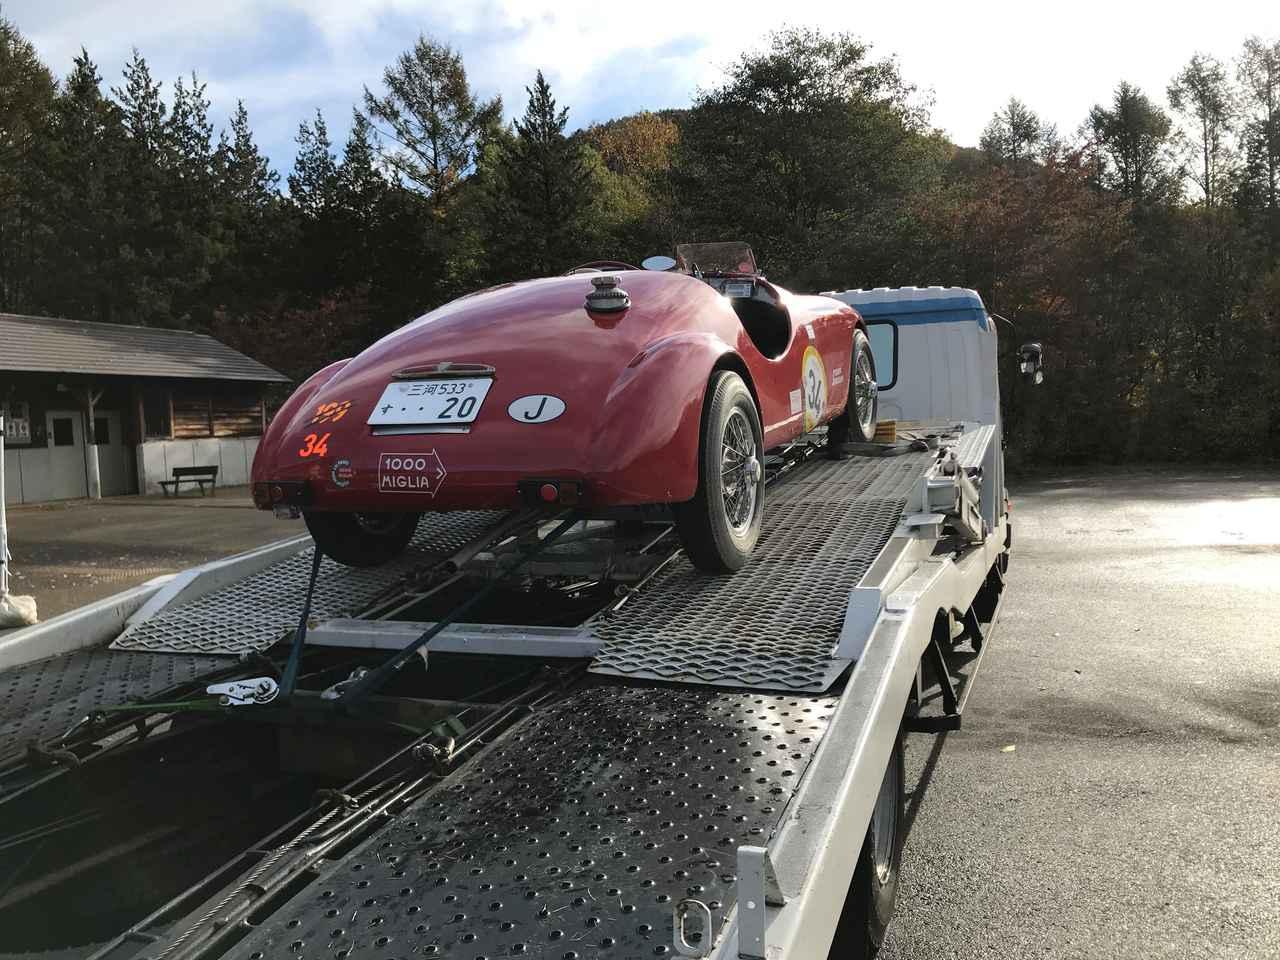 画像: 小さく軽いクルマこそ気を使う、というのは積載車に乗るようになって痛感していることだ。